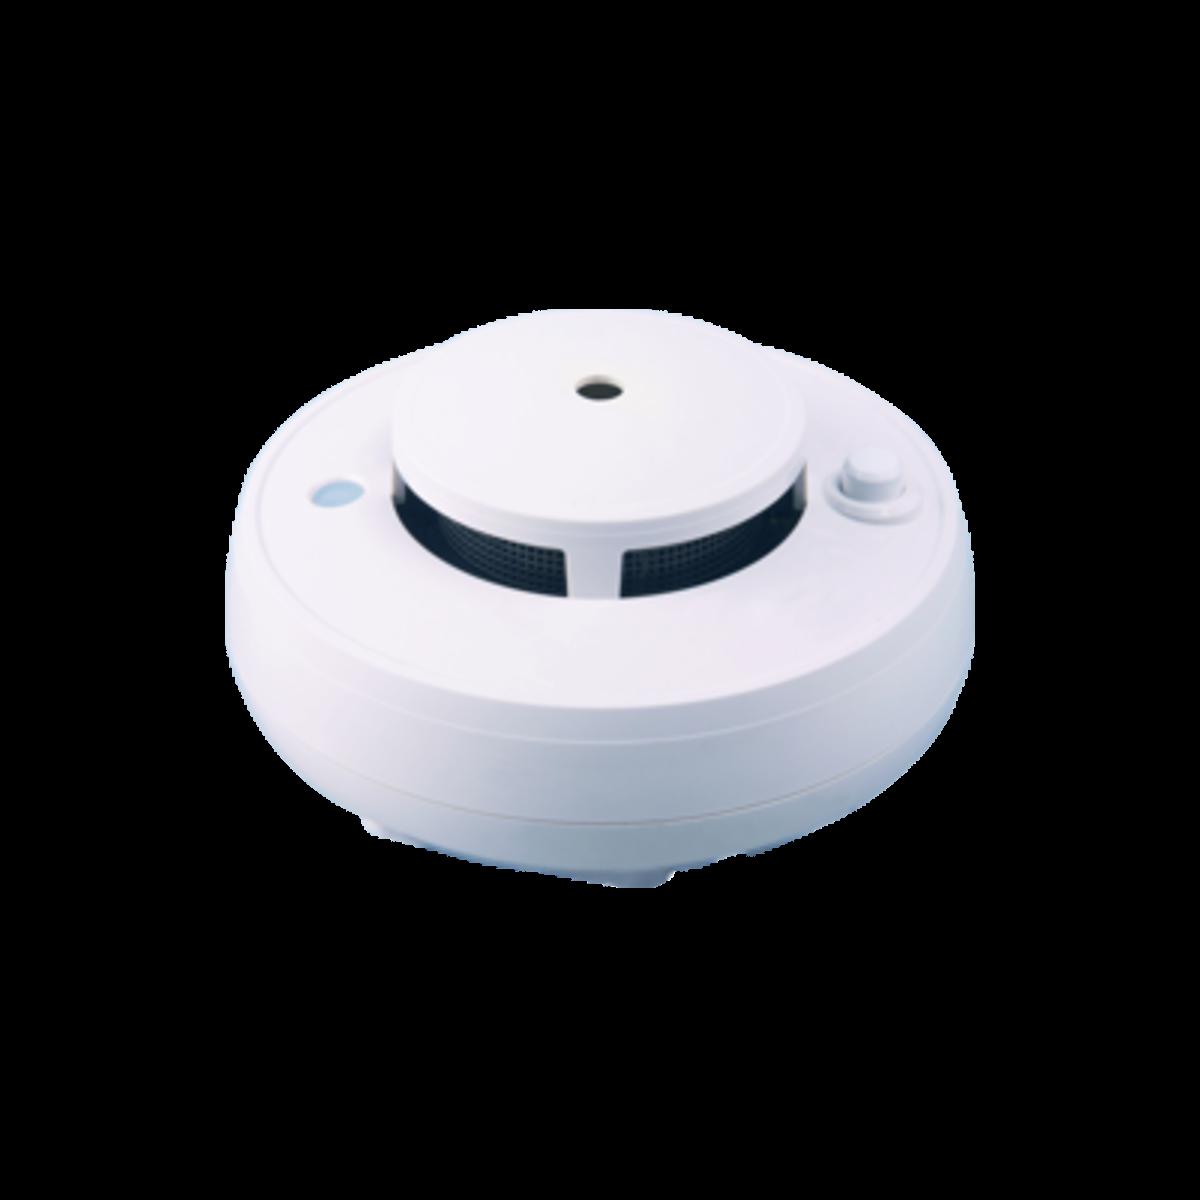 Magenta SmartHome Warnmelder mit Feuer- & Einbruchsmeldung (Bitron Video Rauchmelder V2)